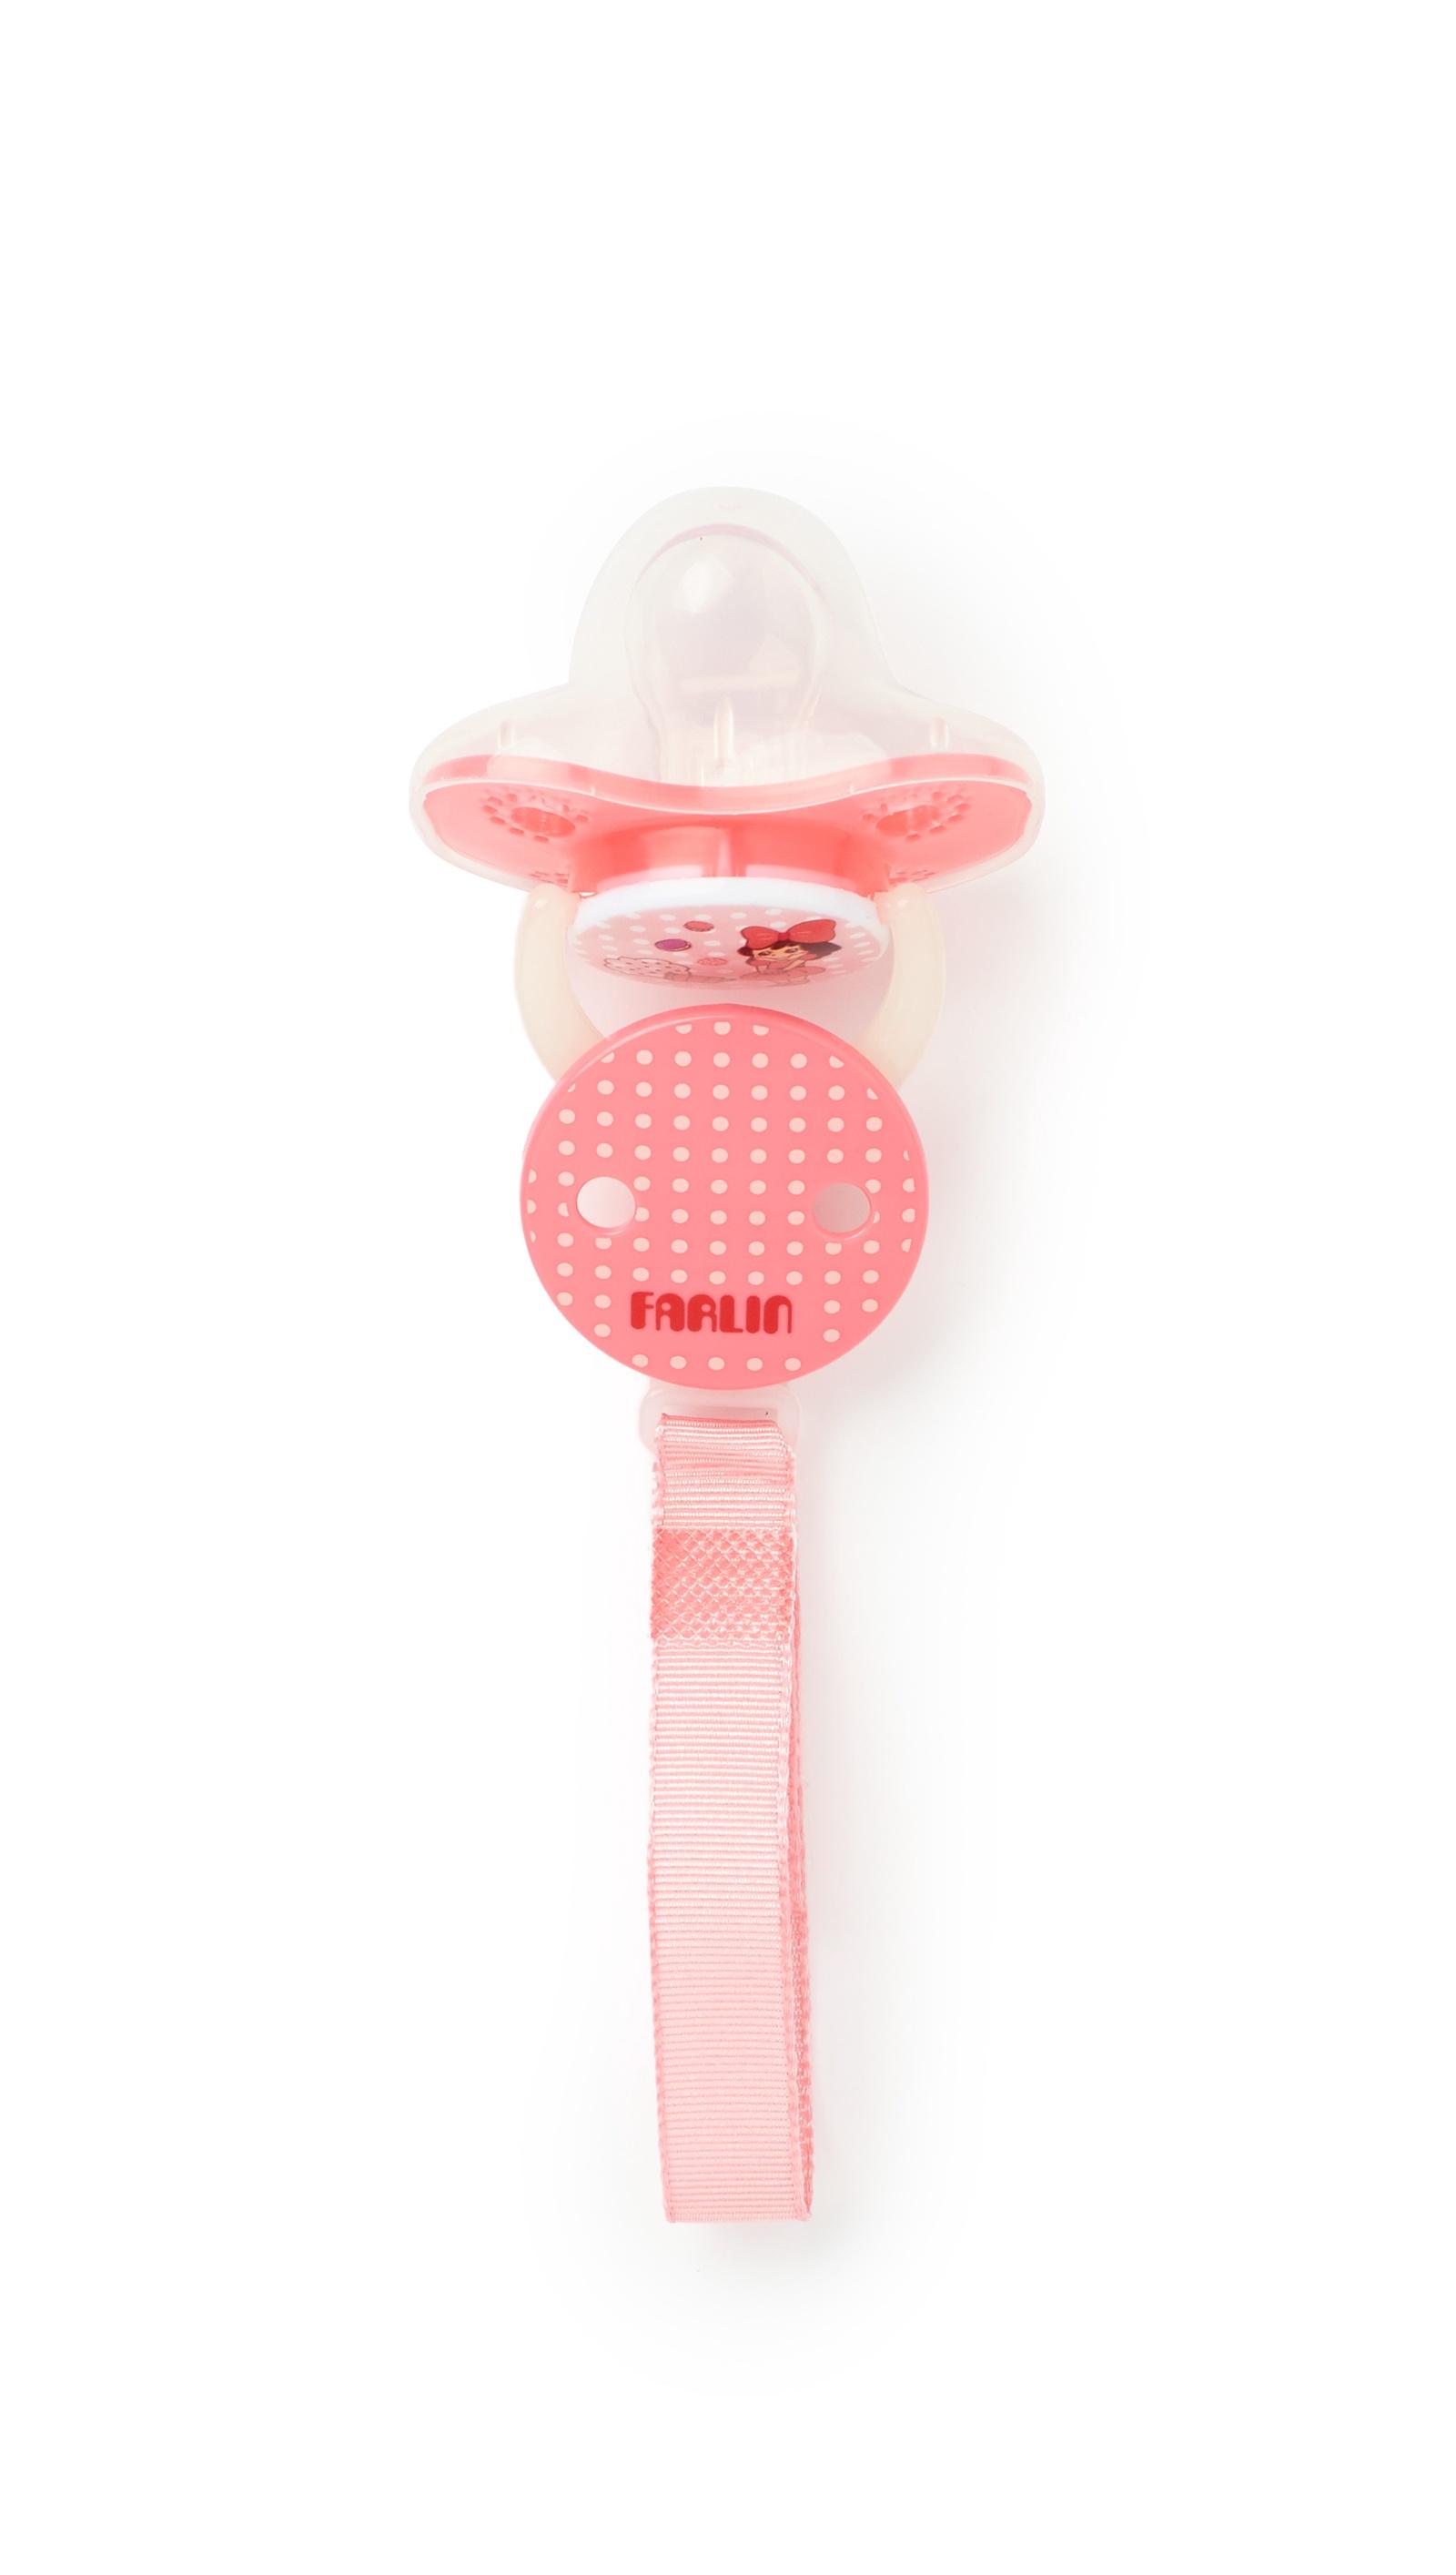 Пустышка Farlin силиконовая с копачком, цепочка +6 мес розовый пустышки farlin силиконовая 0 6 мес с колпачком и цепочка для пустышки